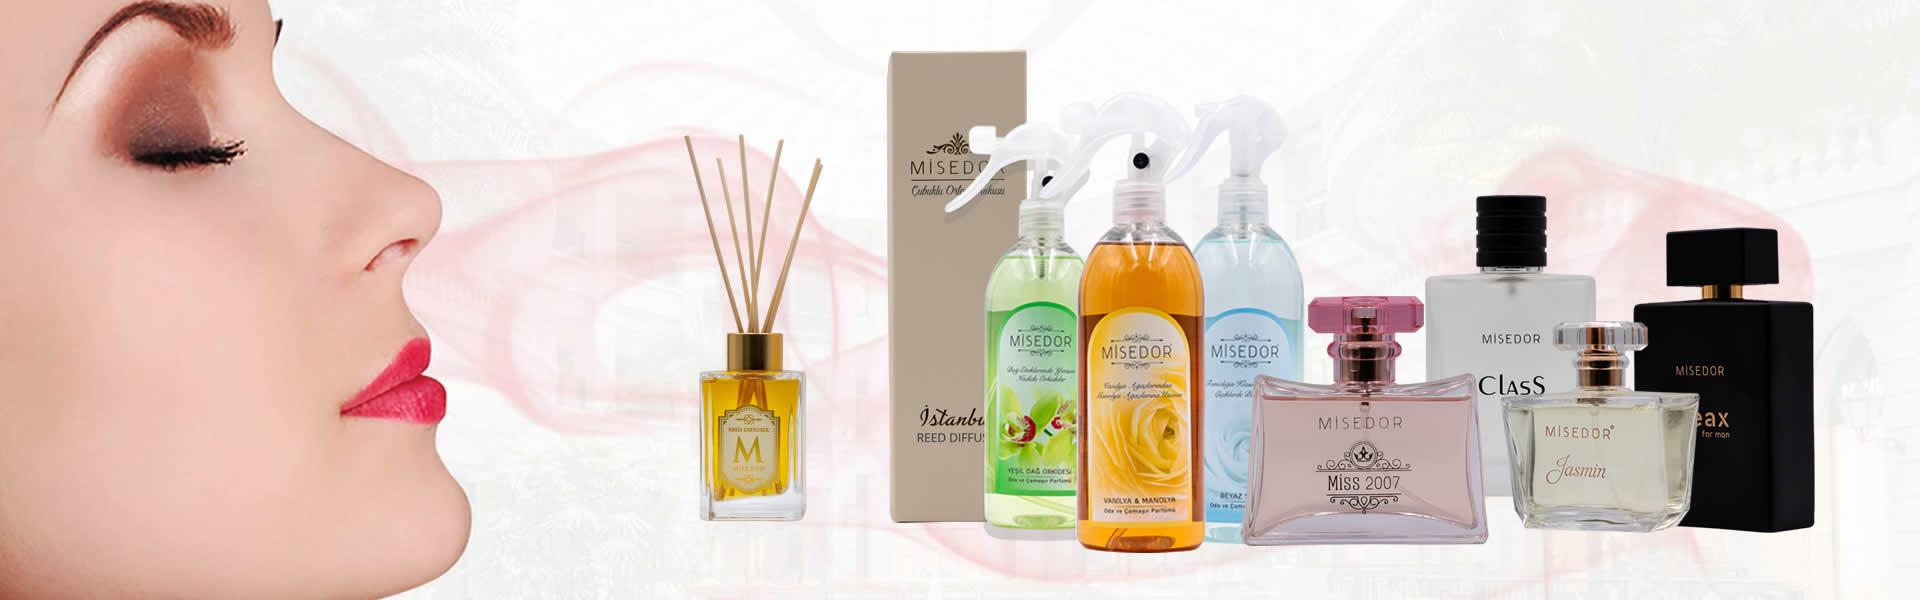 Ortam Kokulandırma Ve Parfum Ürünleri